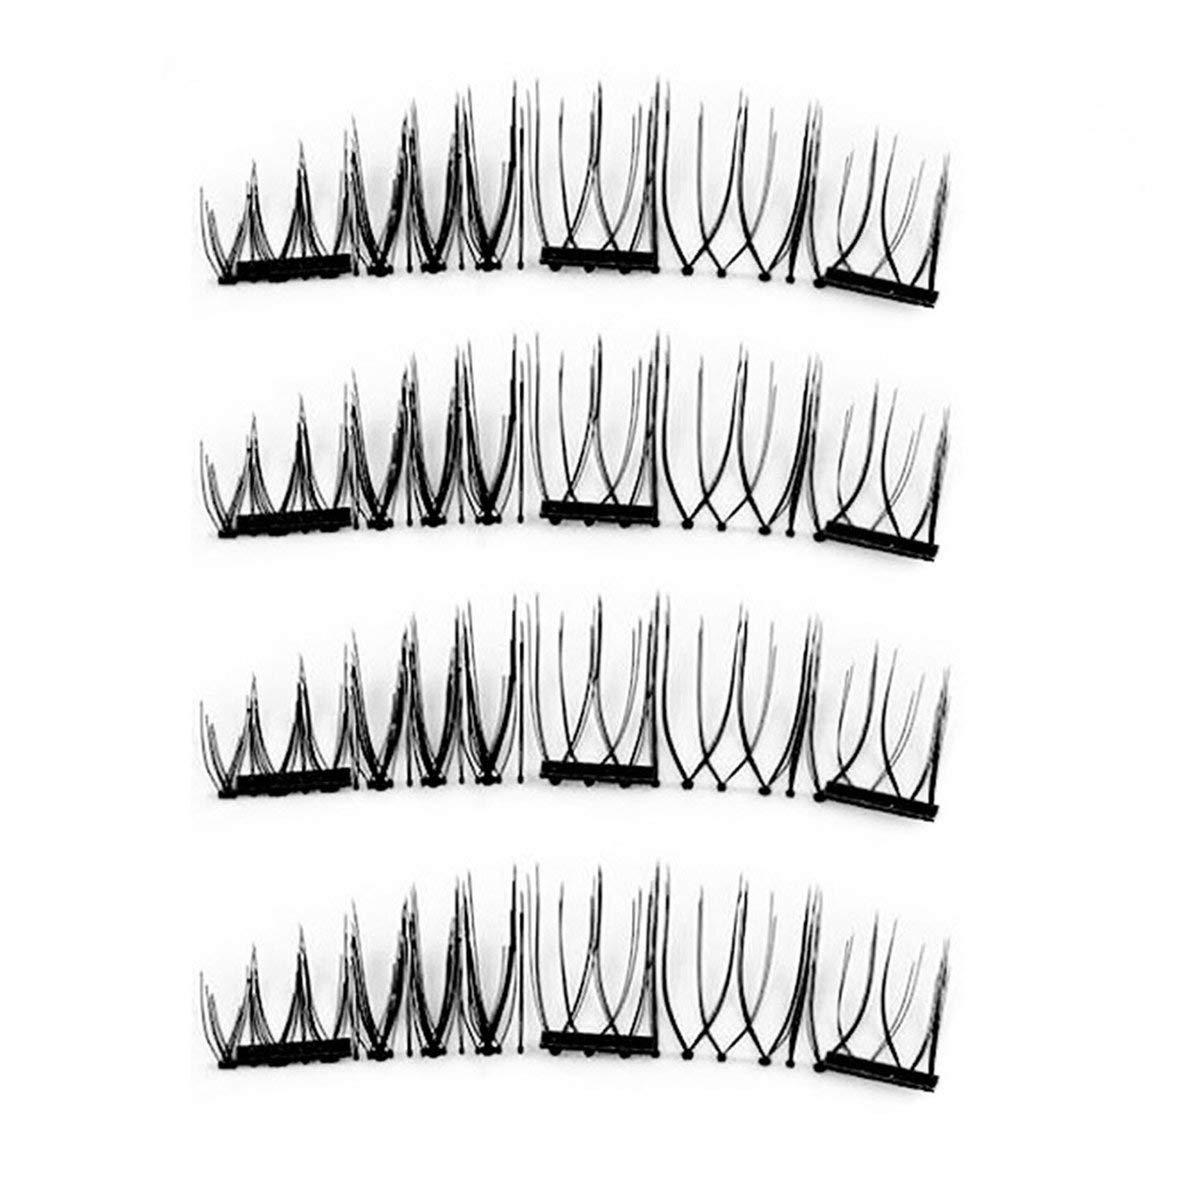 False Eyelashes 1 Set False Eyelashes Magnetic Lashes Three Magnet Glue Free Fake Eye Lashes Natural Chemical Fiber Hand Made Strip Lashes Tivolii